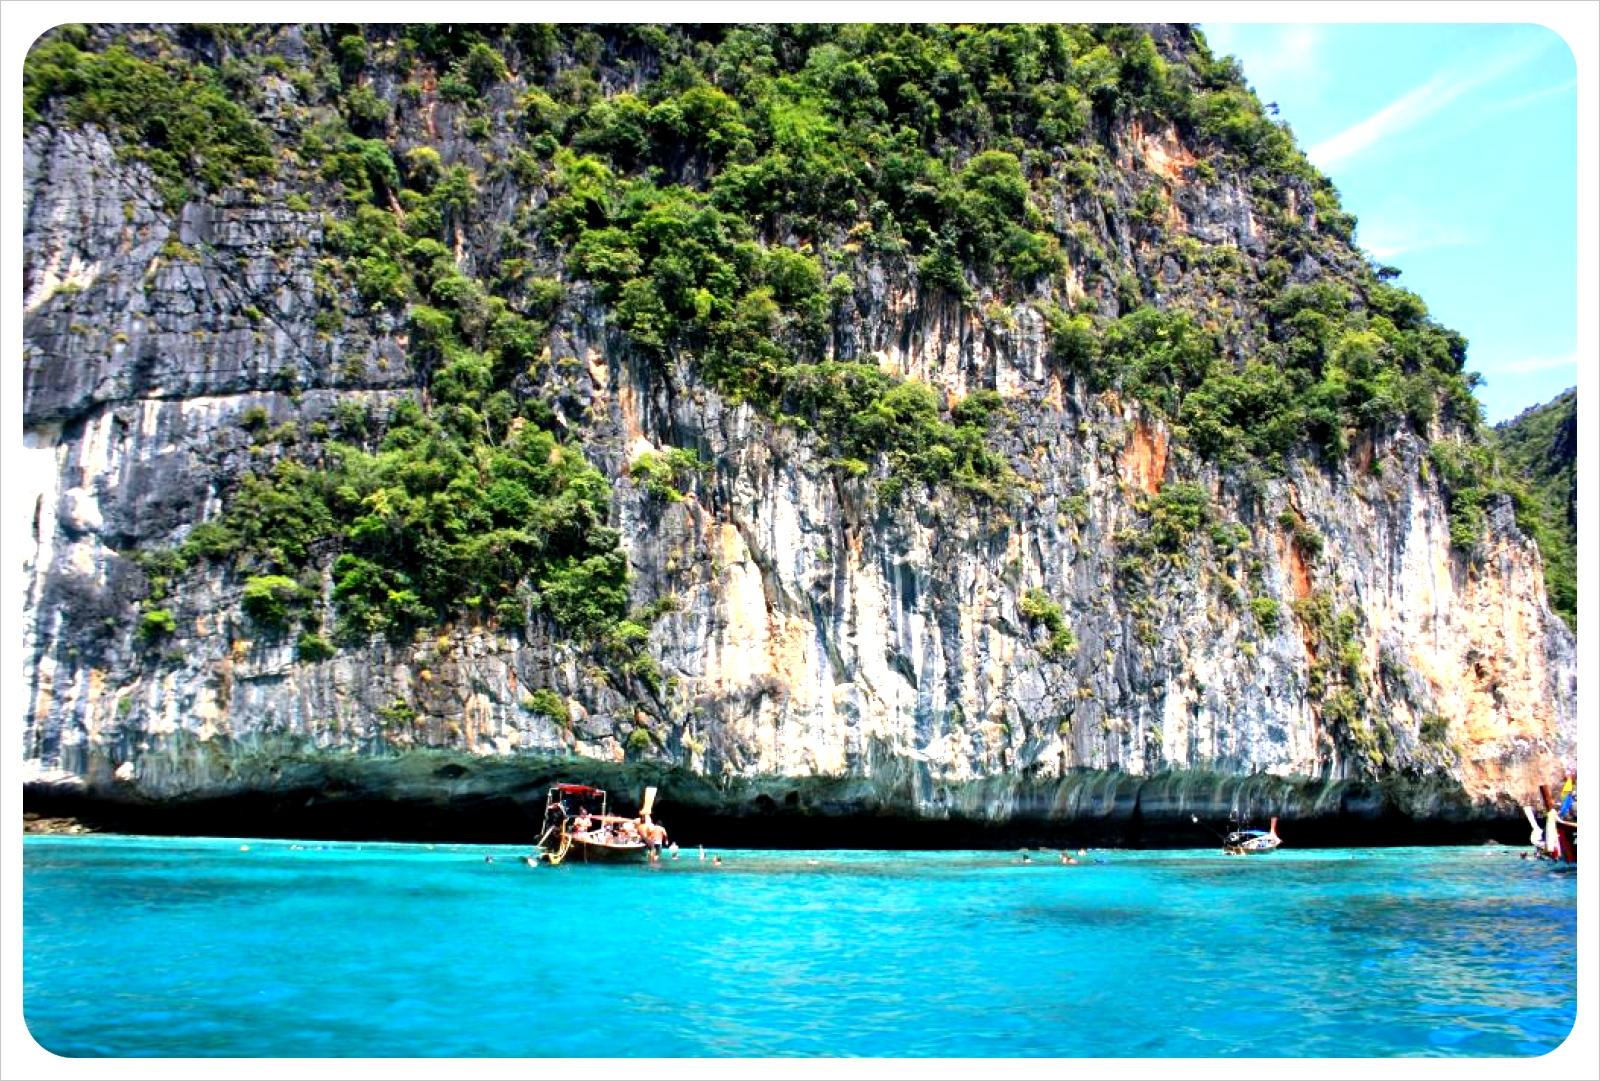 phi phi lei rock & boat